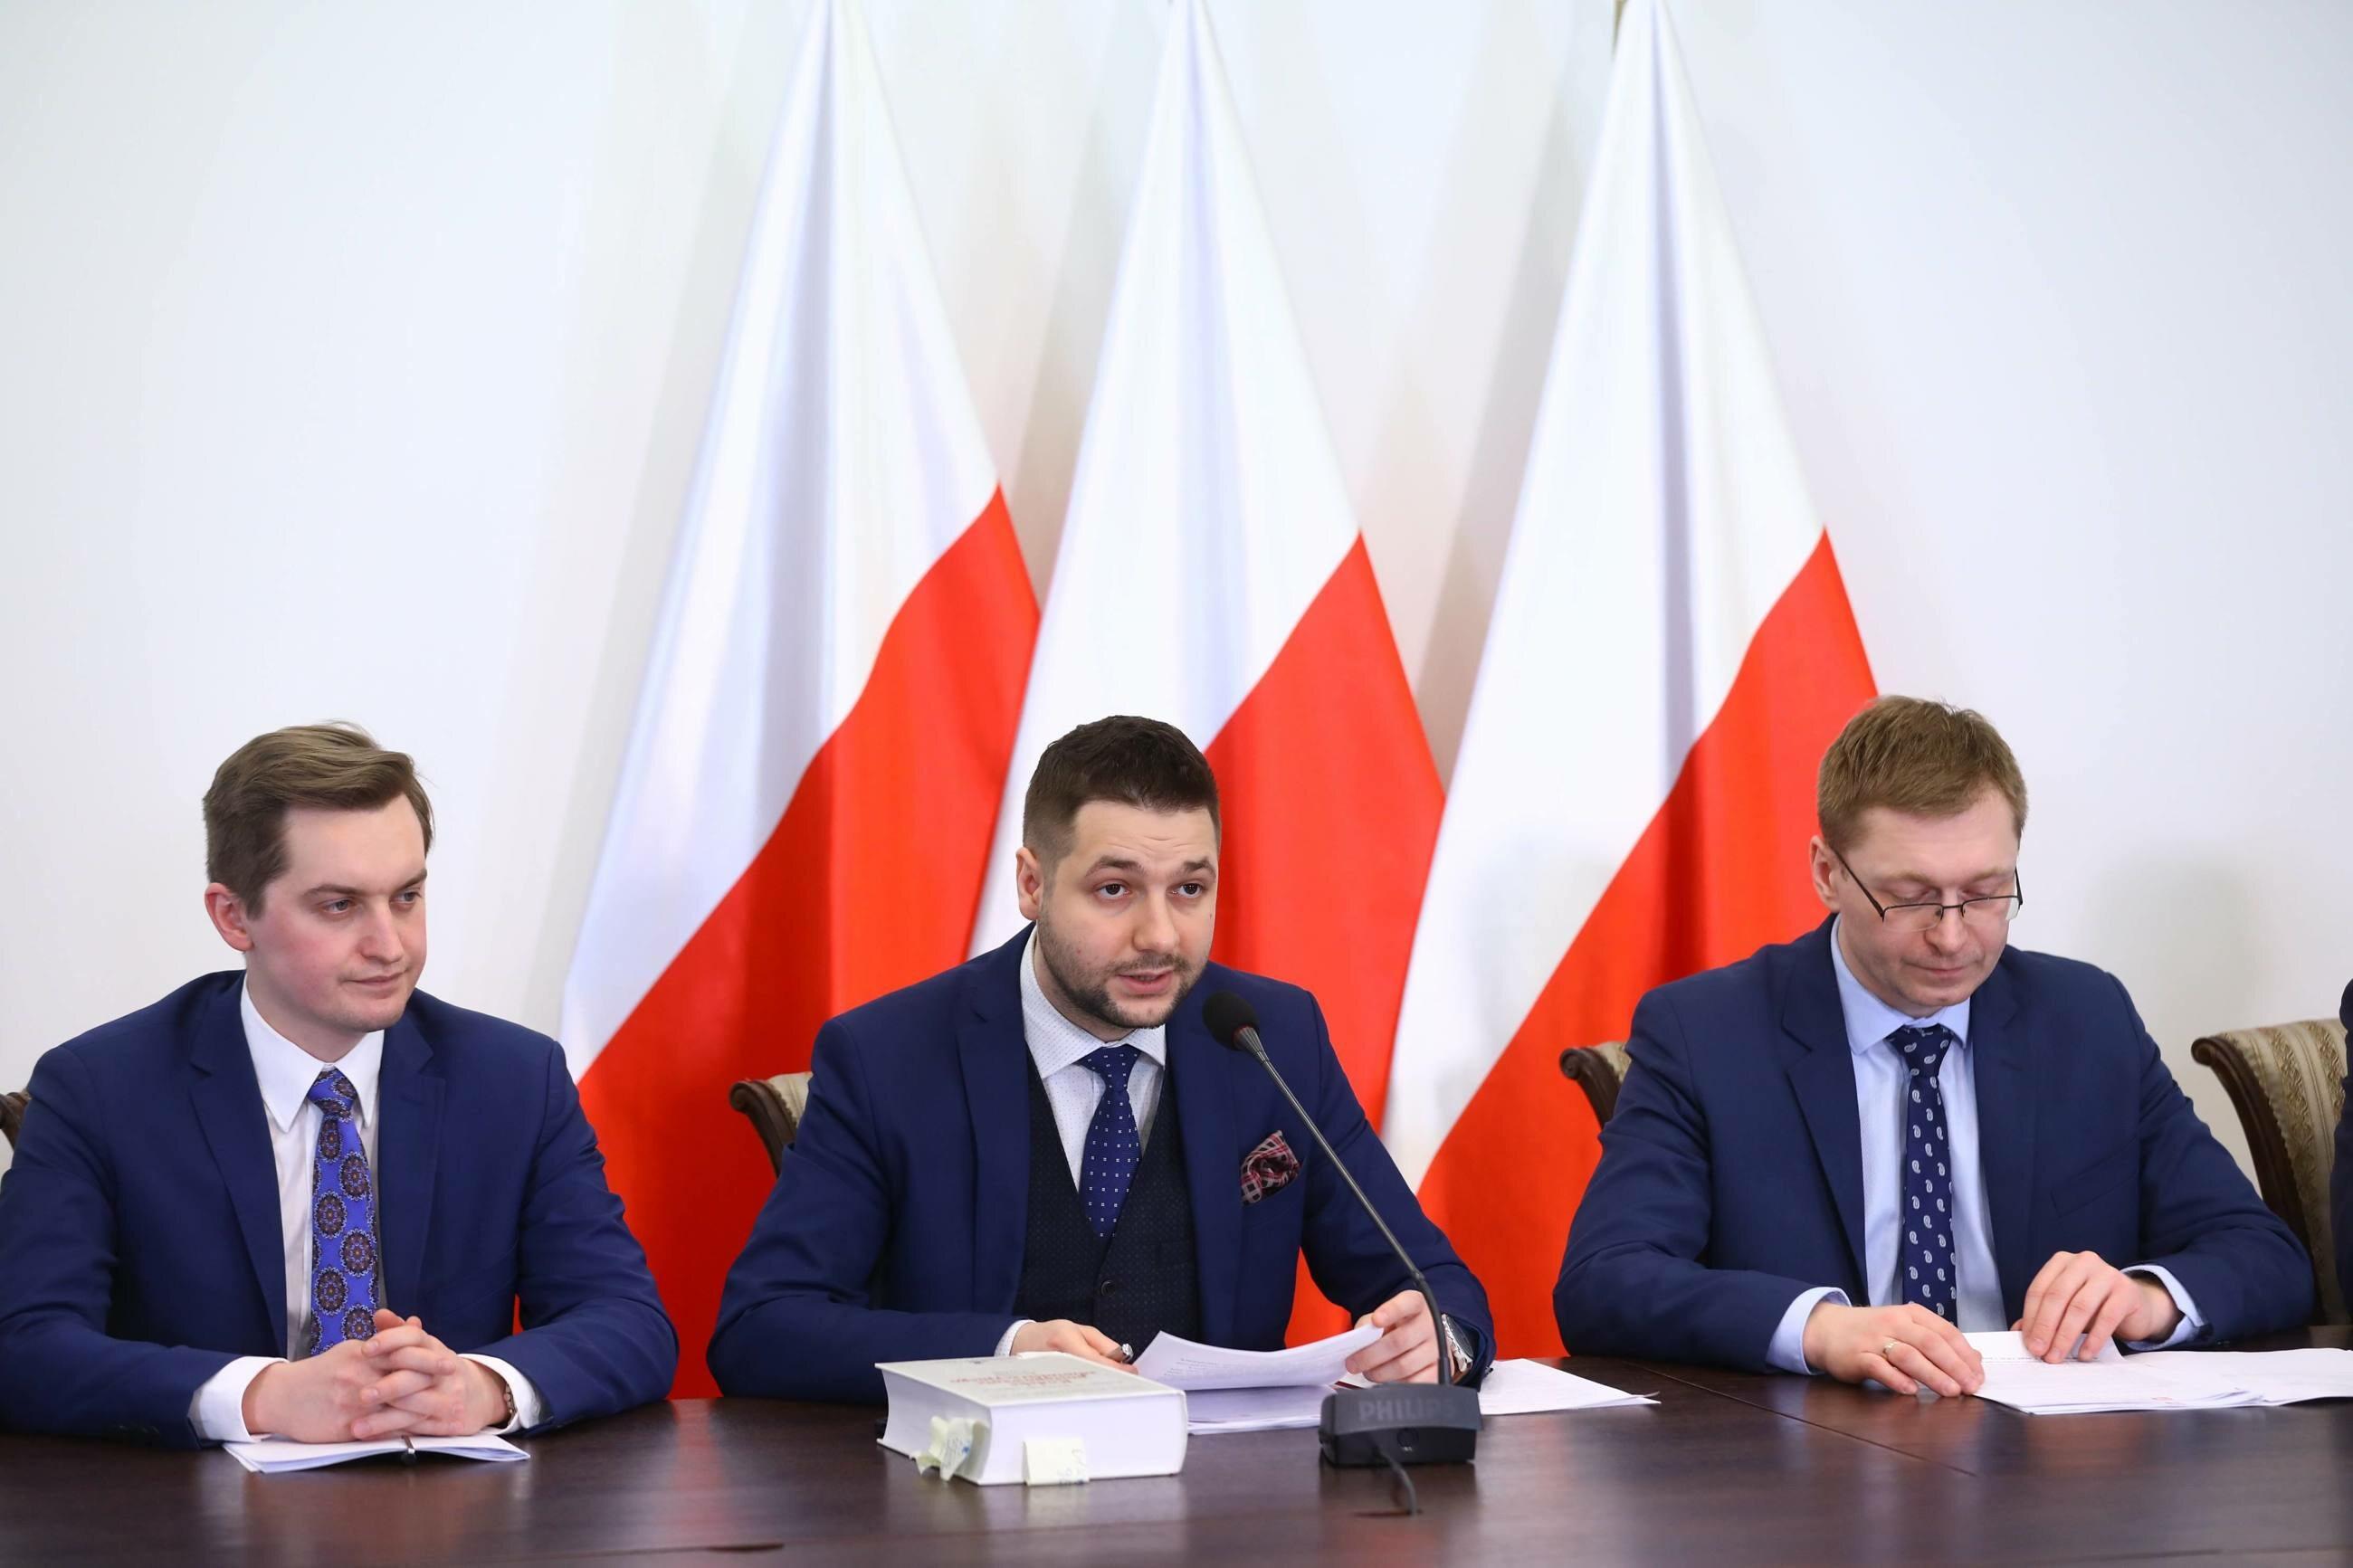 Komisja weryfikacyjna ds. warszawskiej reprywatyzacji